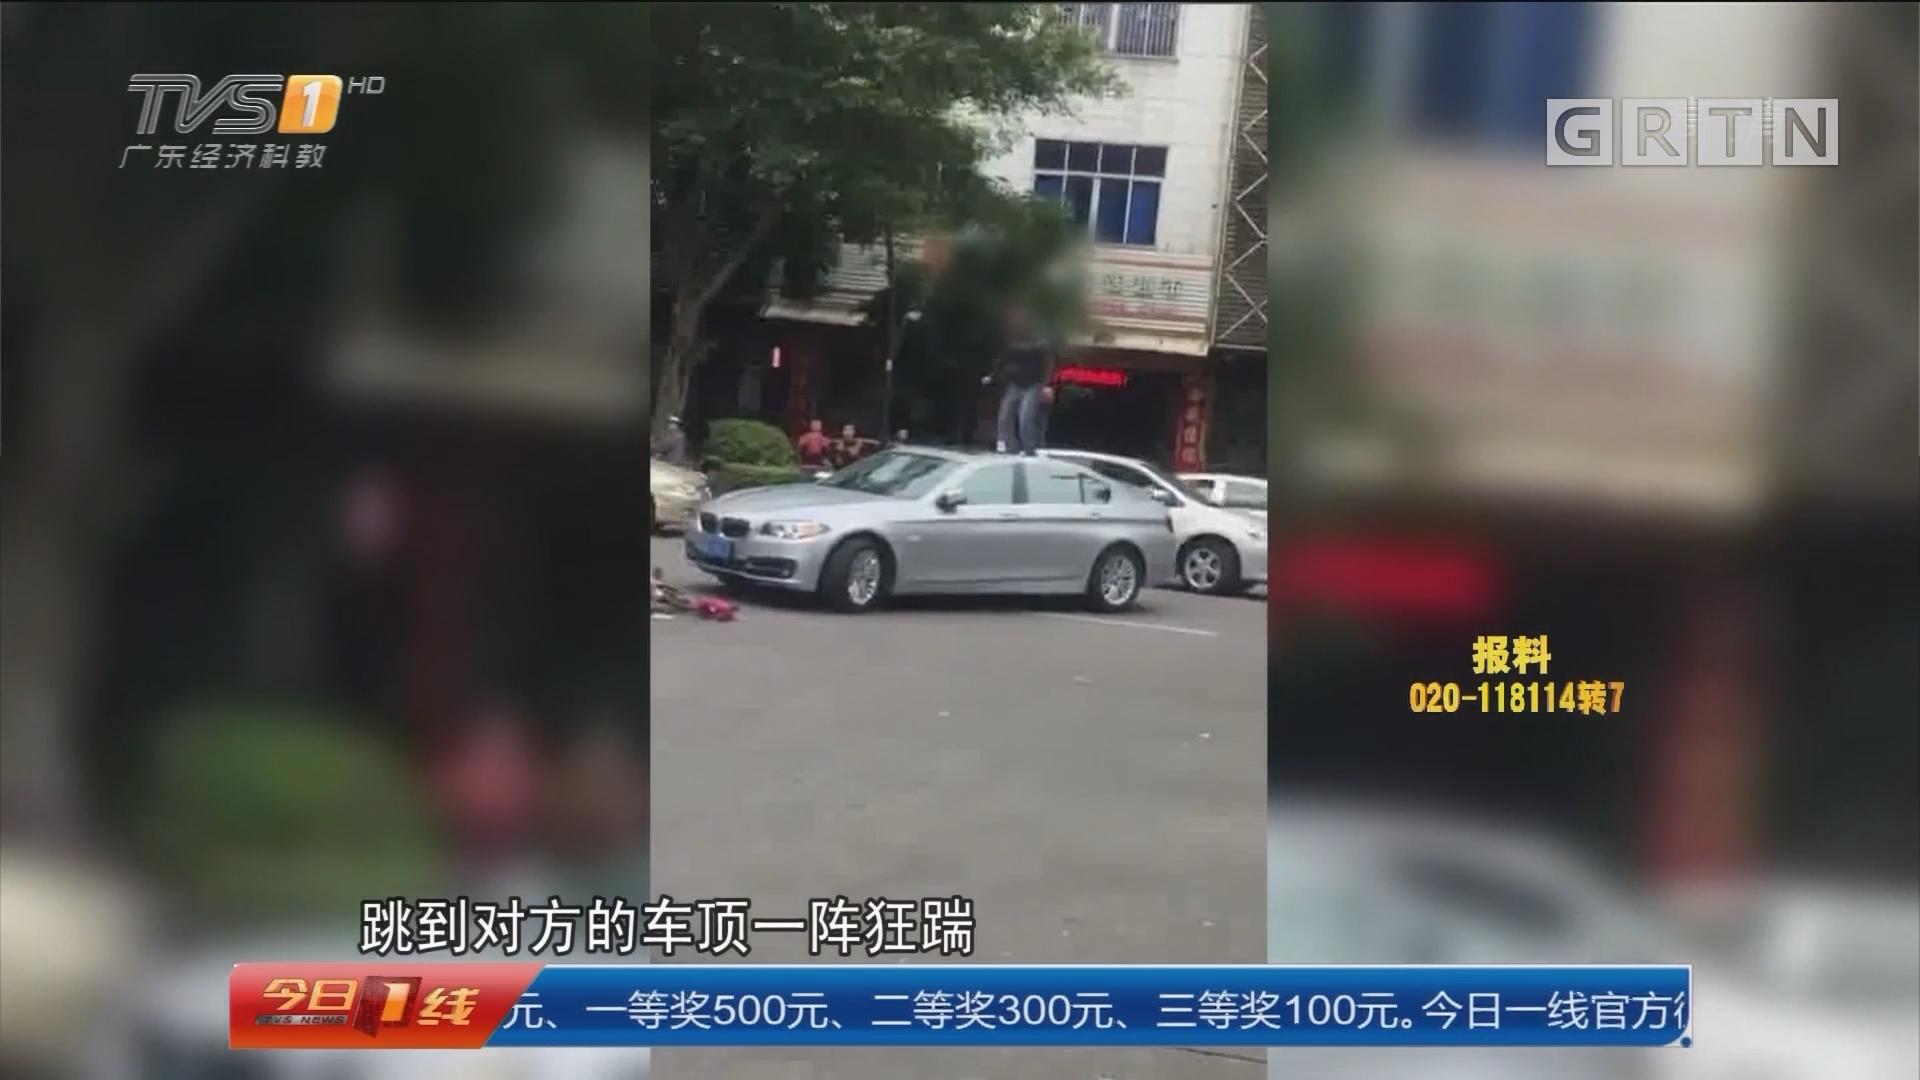 阳江江城 警方通报:醉酒闹事 刑拘!